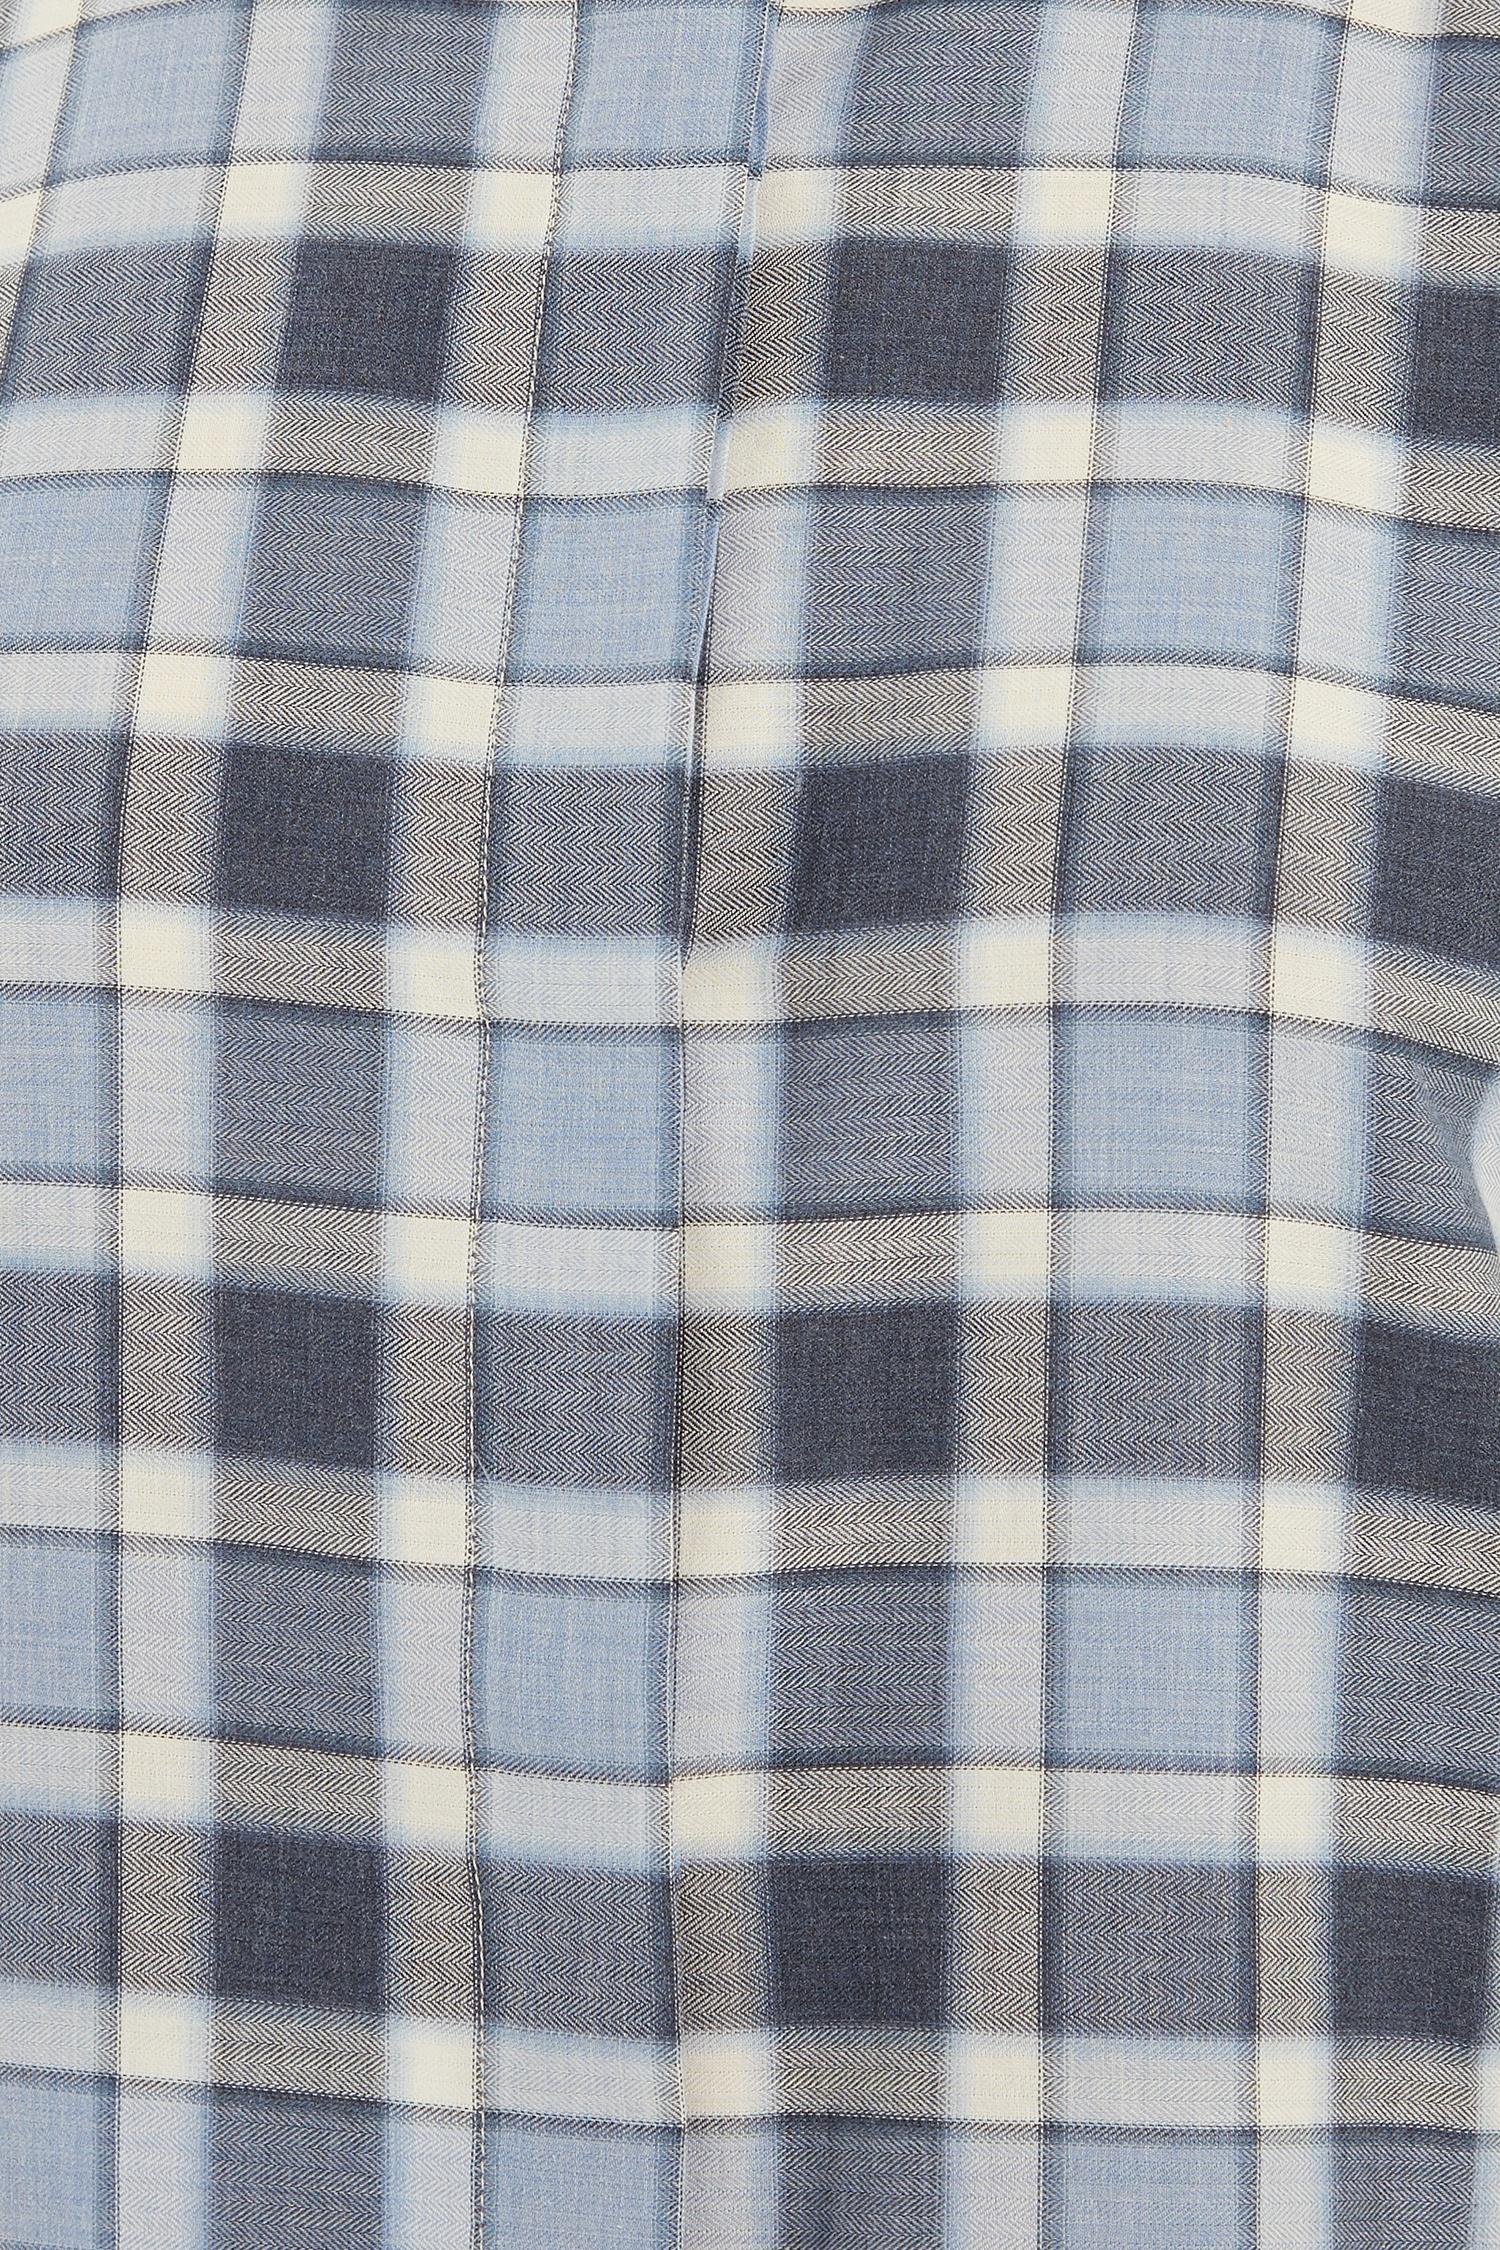 e0127c80bc2 Длинная хлопковая блузка в клетку Amina Rubinacci – купить в ...